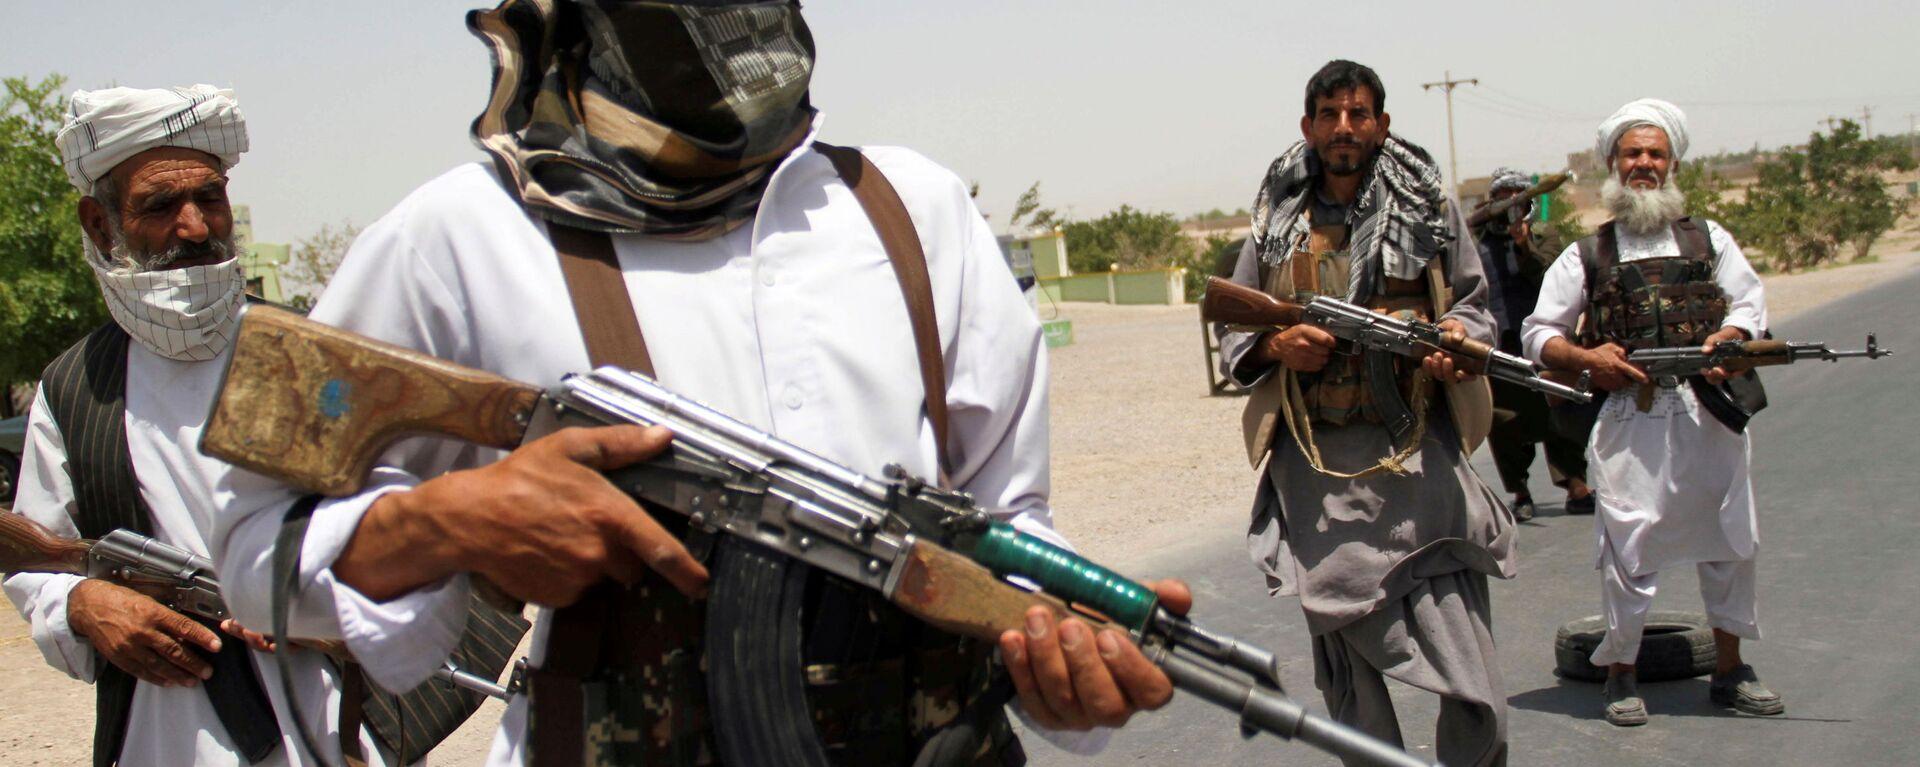 Afgan hükümet güçlerine destek veren eski mücahitler, Herat vilayetinin dışında Taliban'a direnmeye çalışırken - Sputnik Türkiye, 1920, 01.08.2021